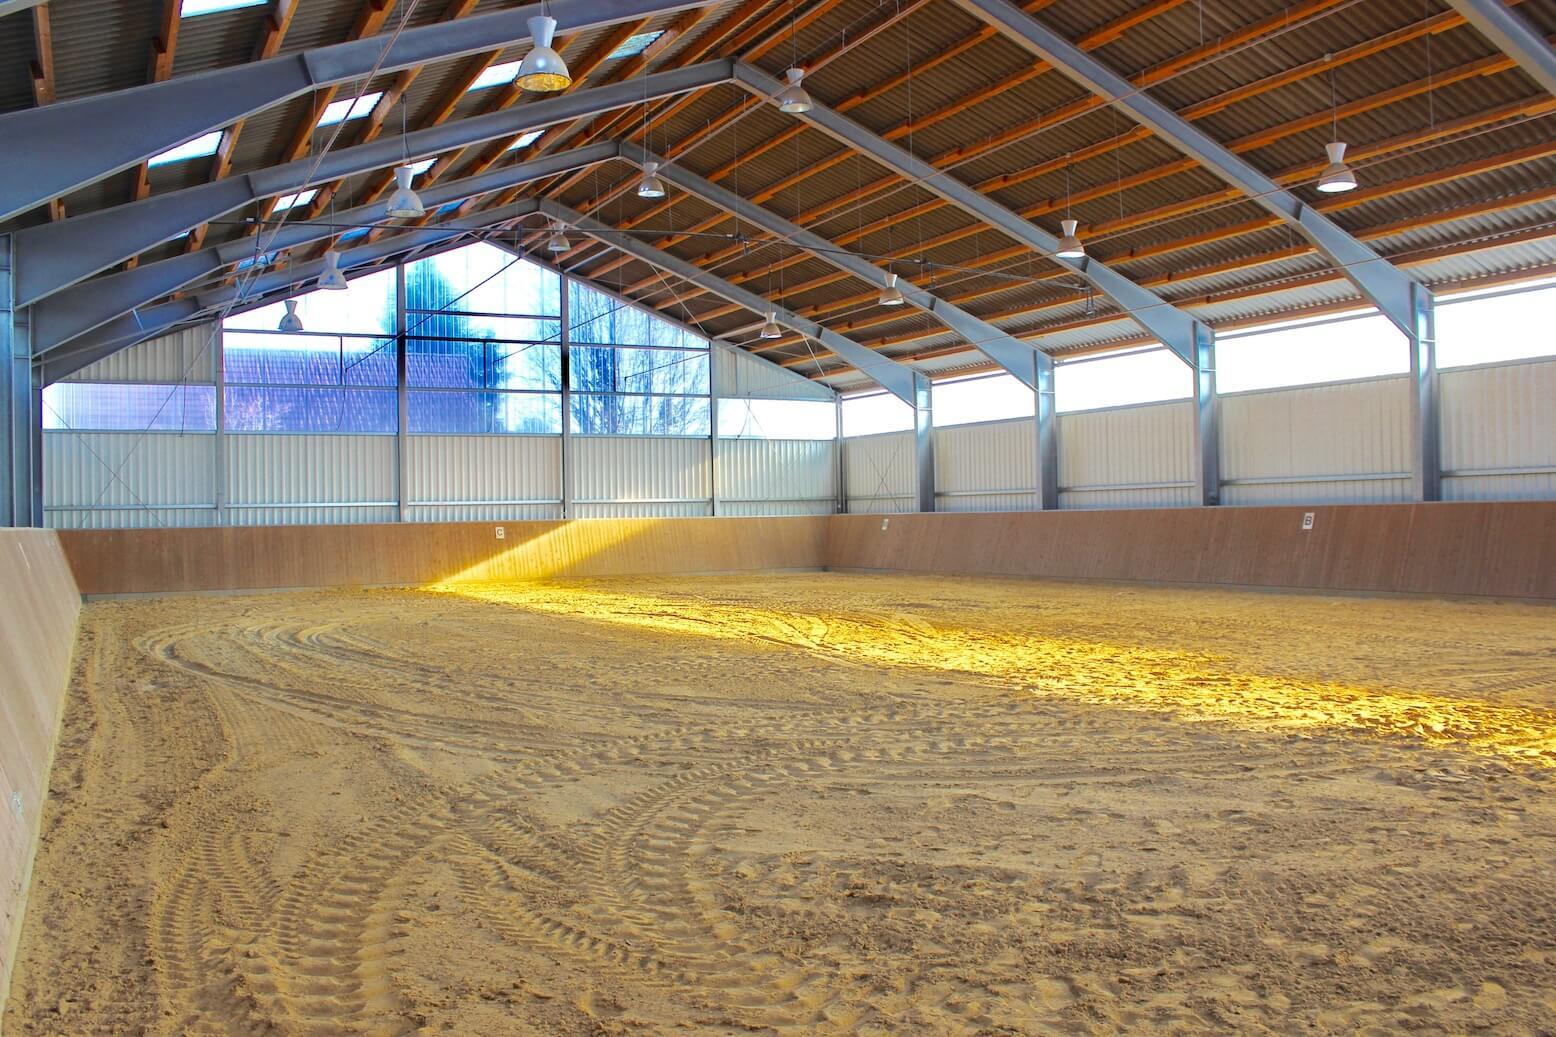 Lagerhalle Reithalle in Ganderkesee vermietung VOGEL & VOGEL IMMOBILIEN